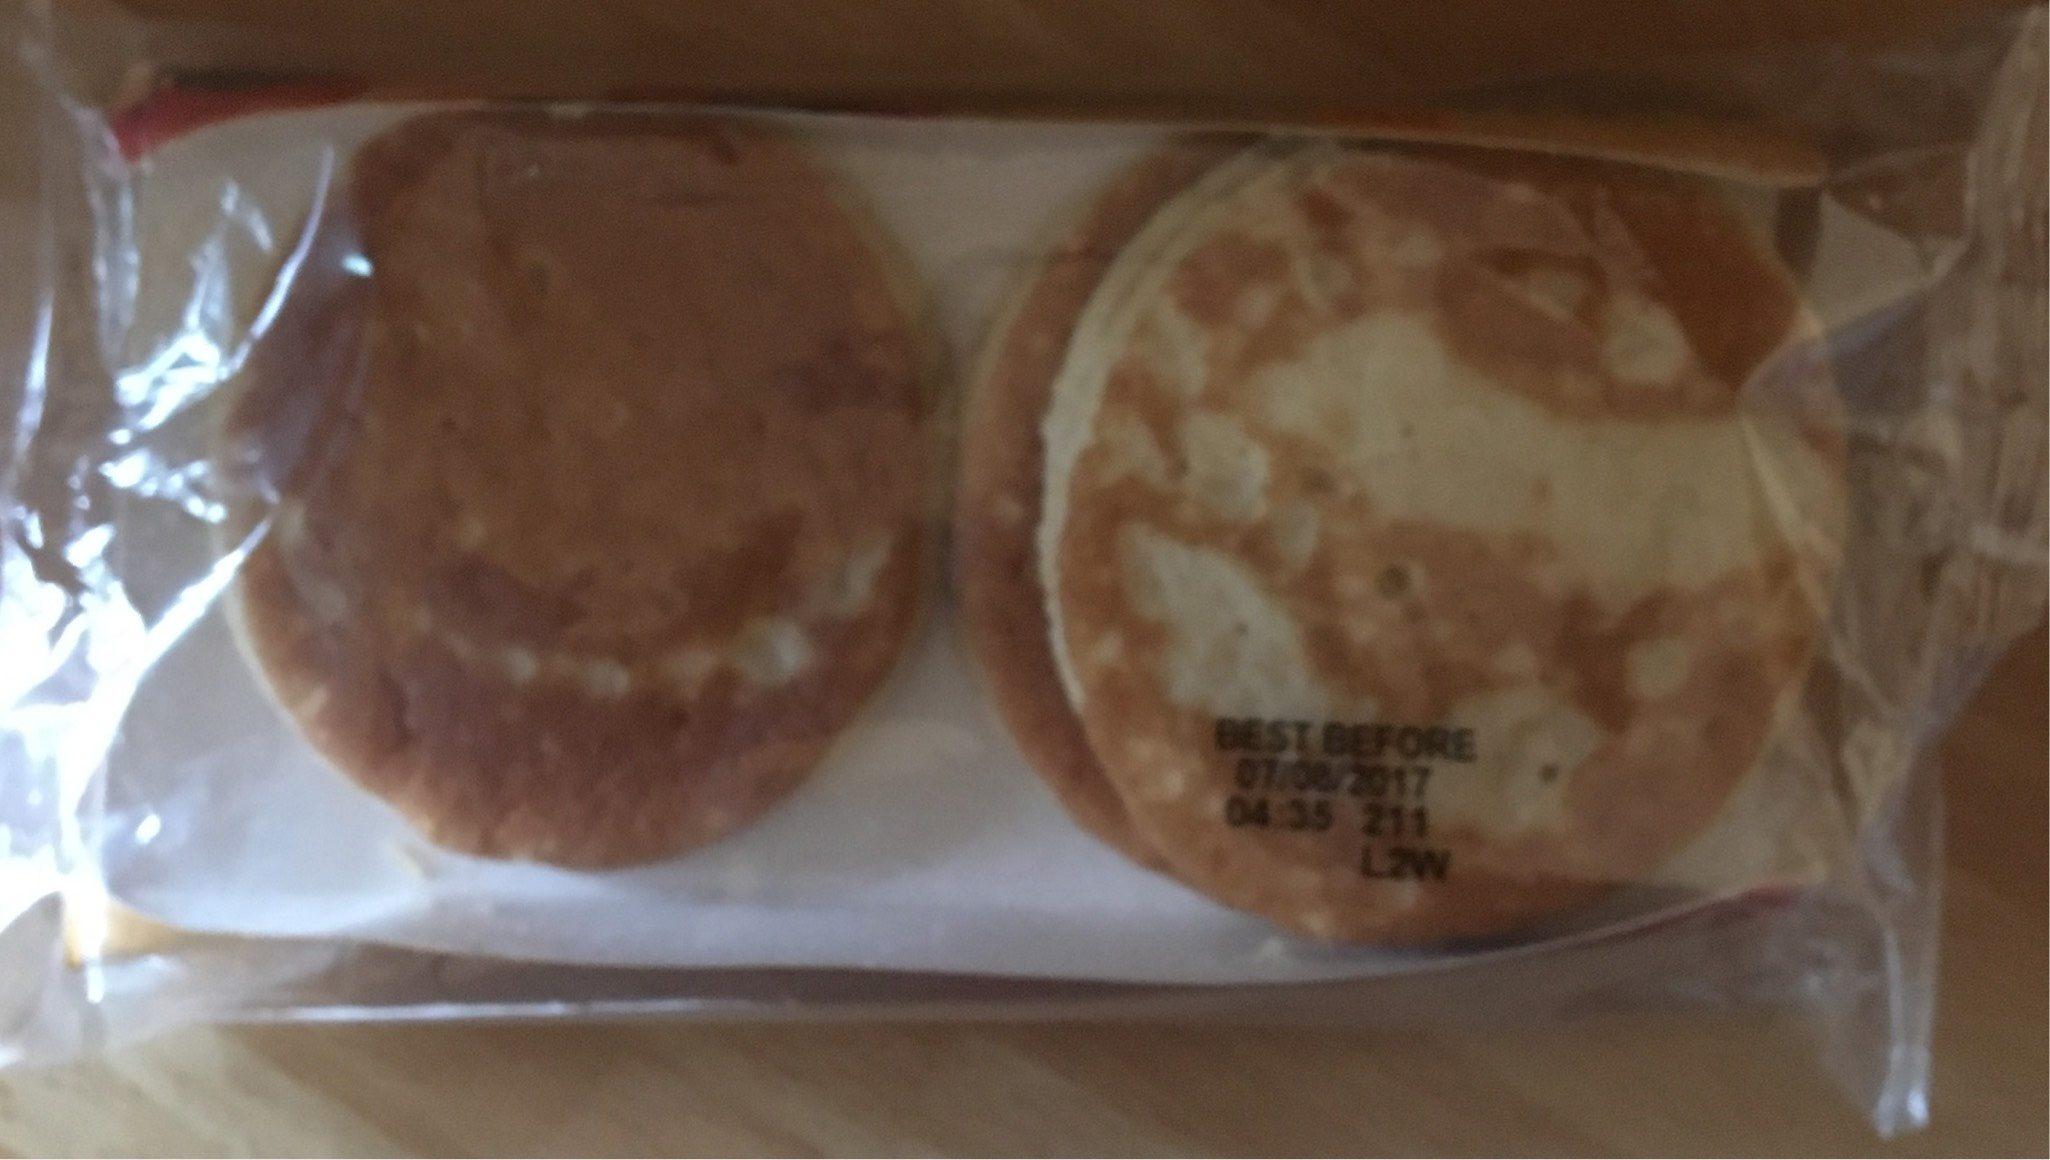 Pancakes mandarin orange - Product